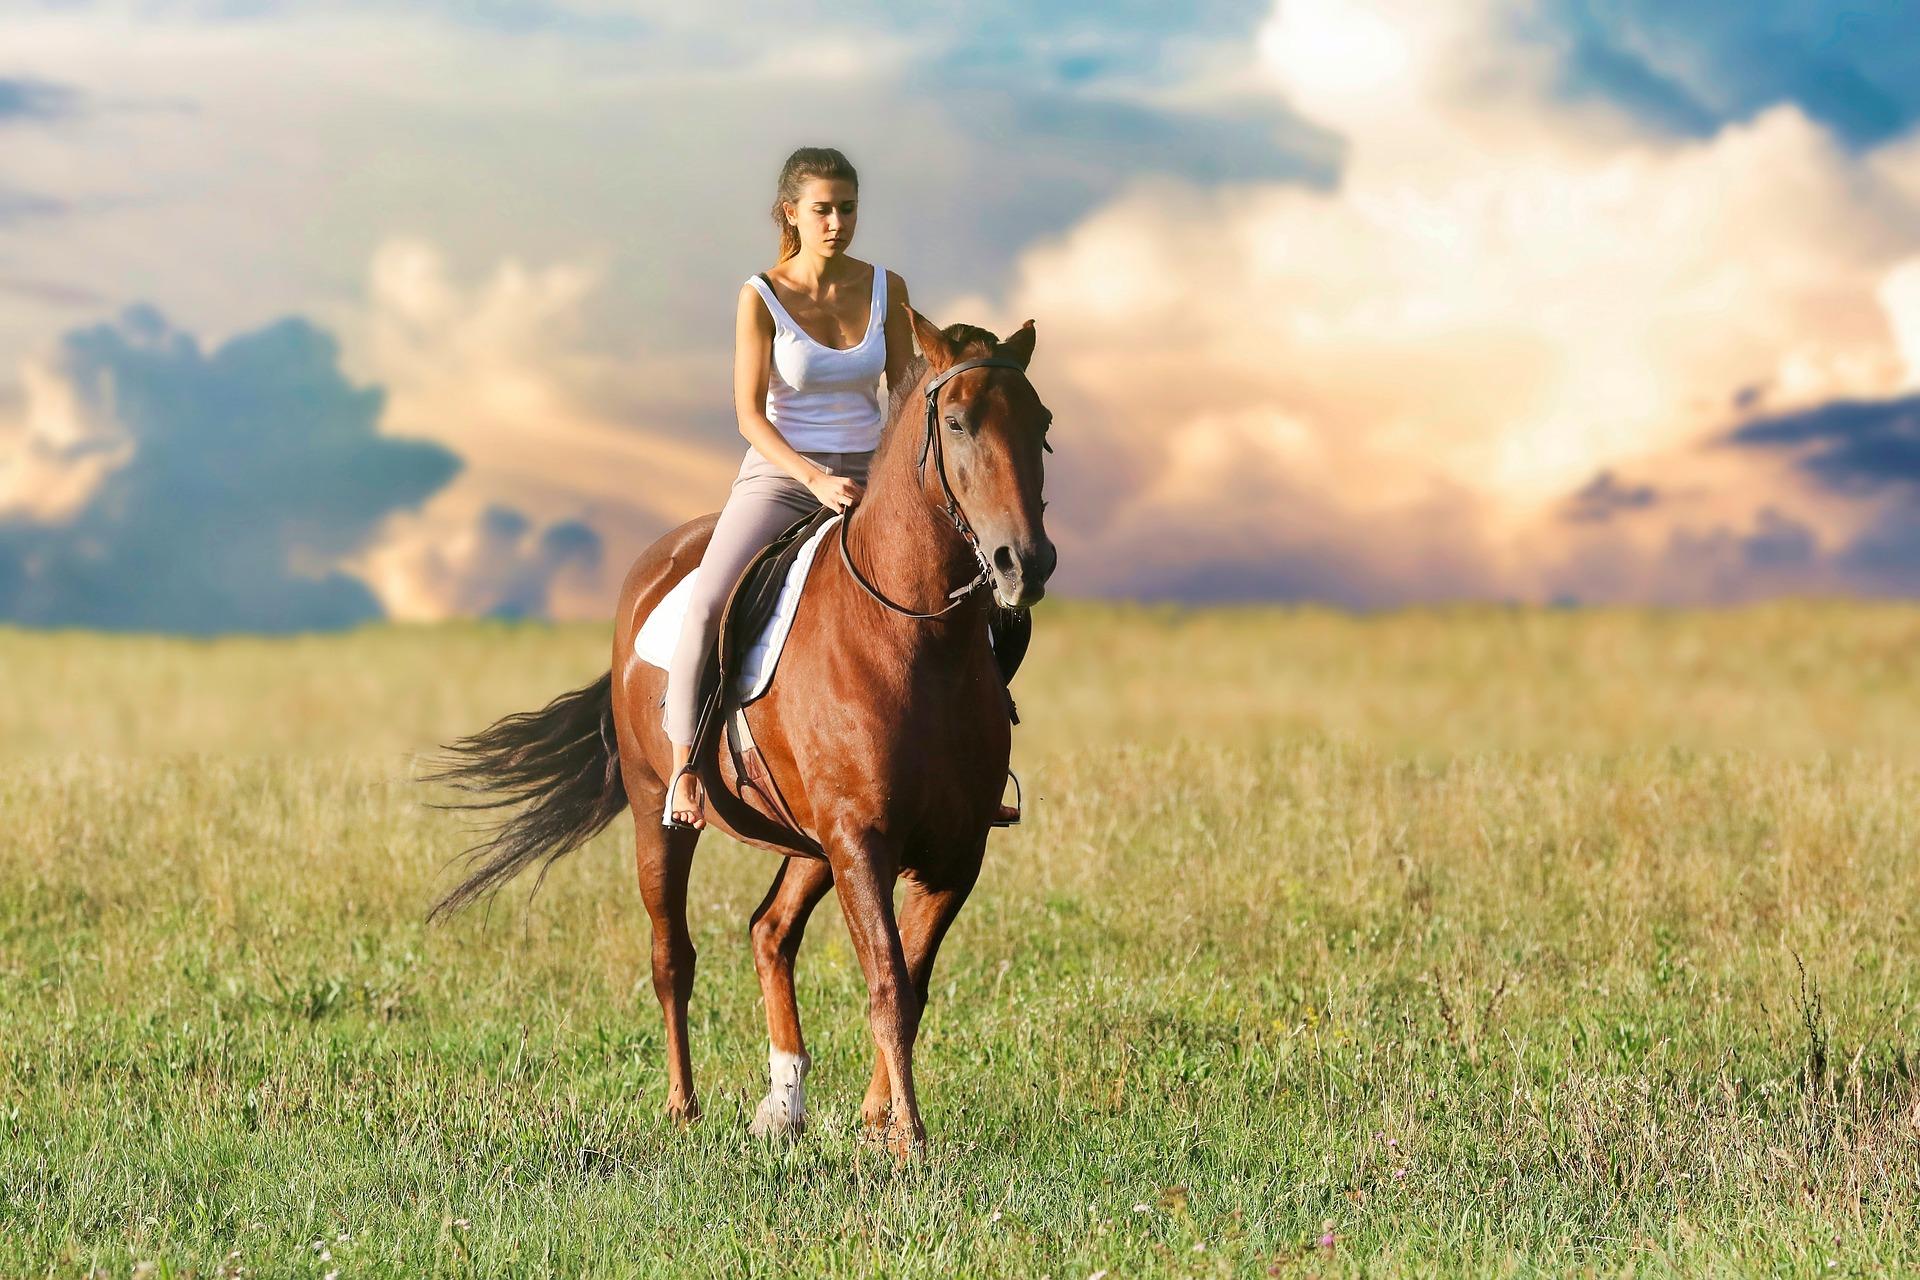 Att köpa en häst eller ponny